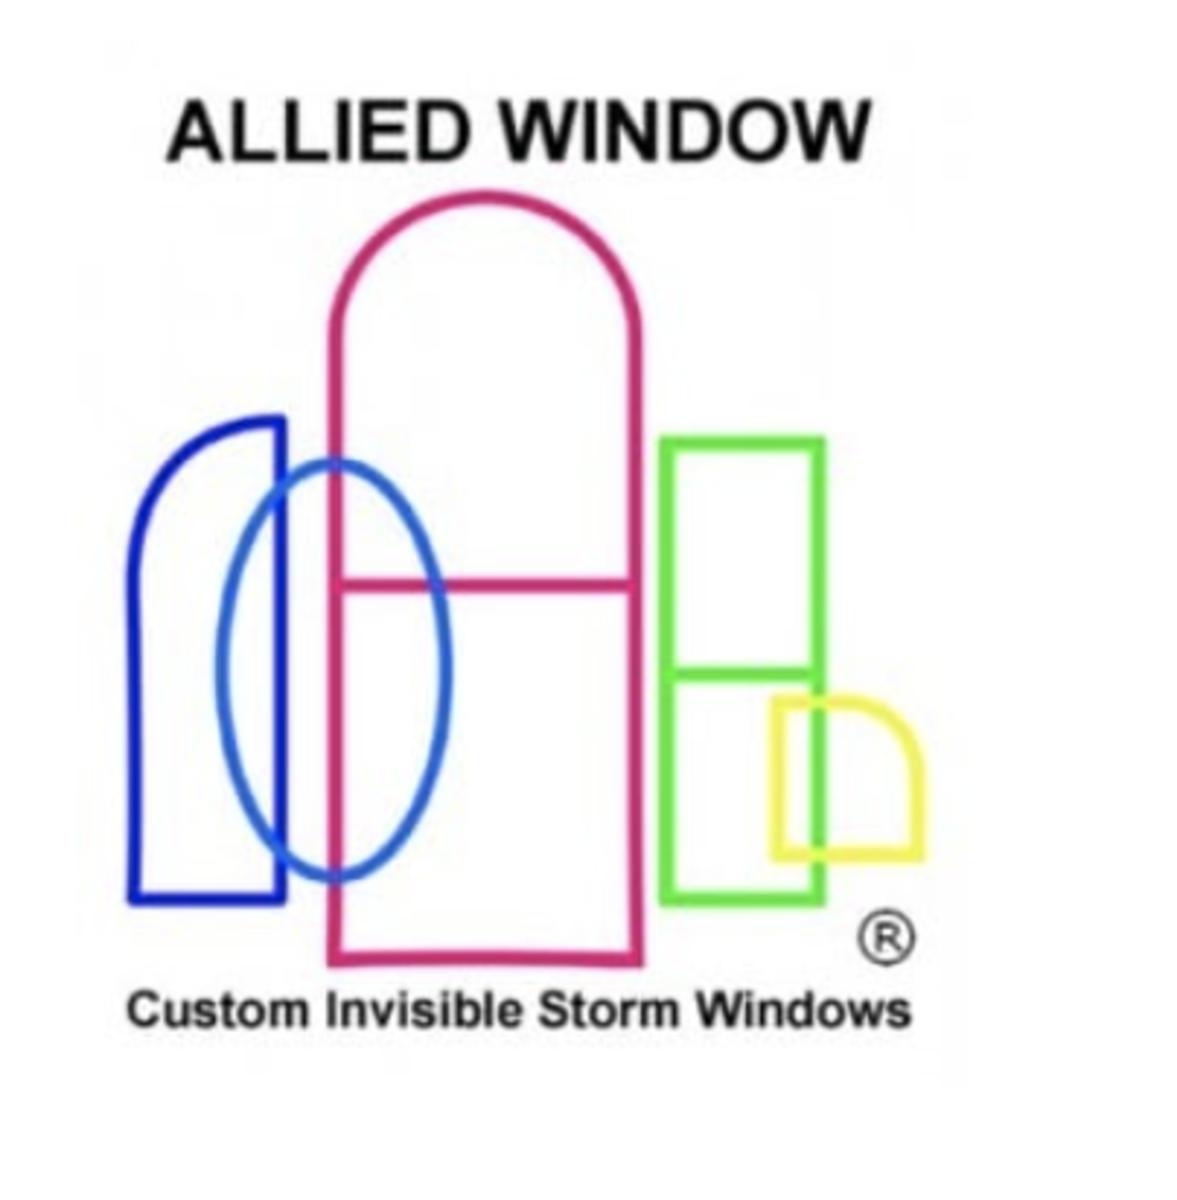 Allied Window